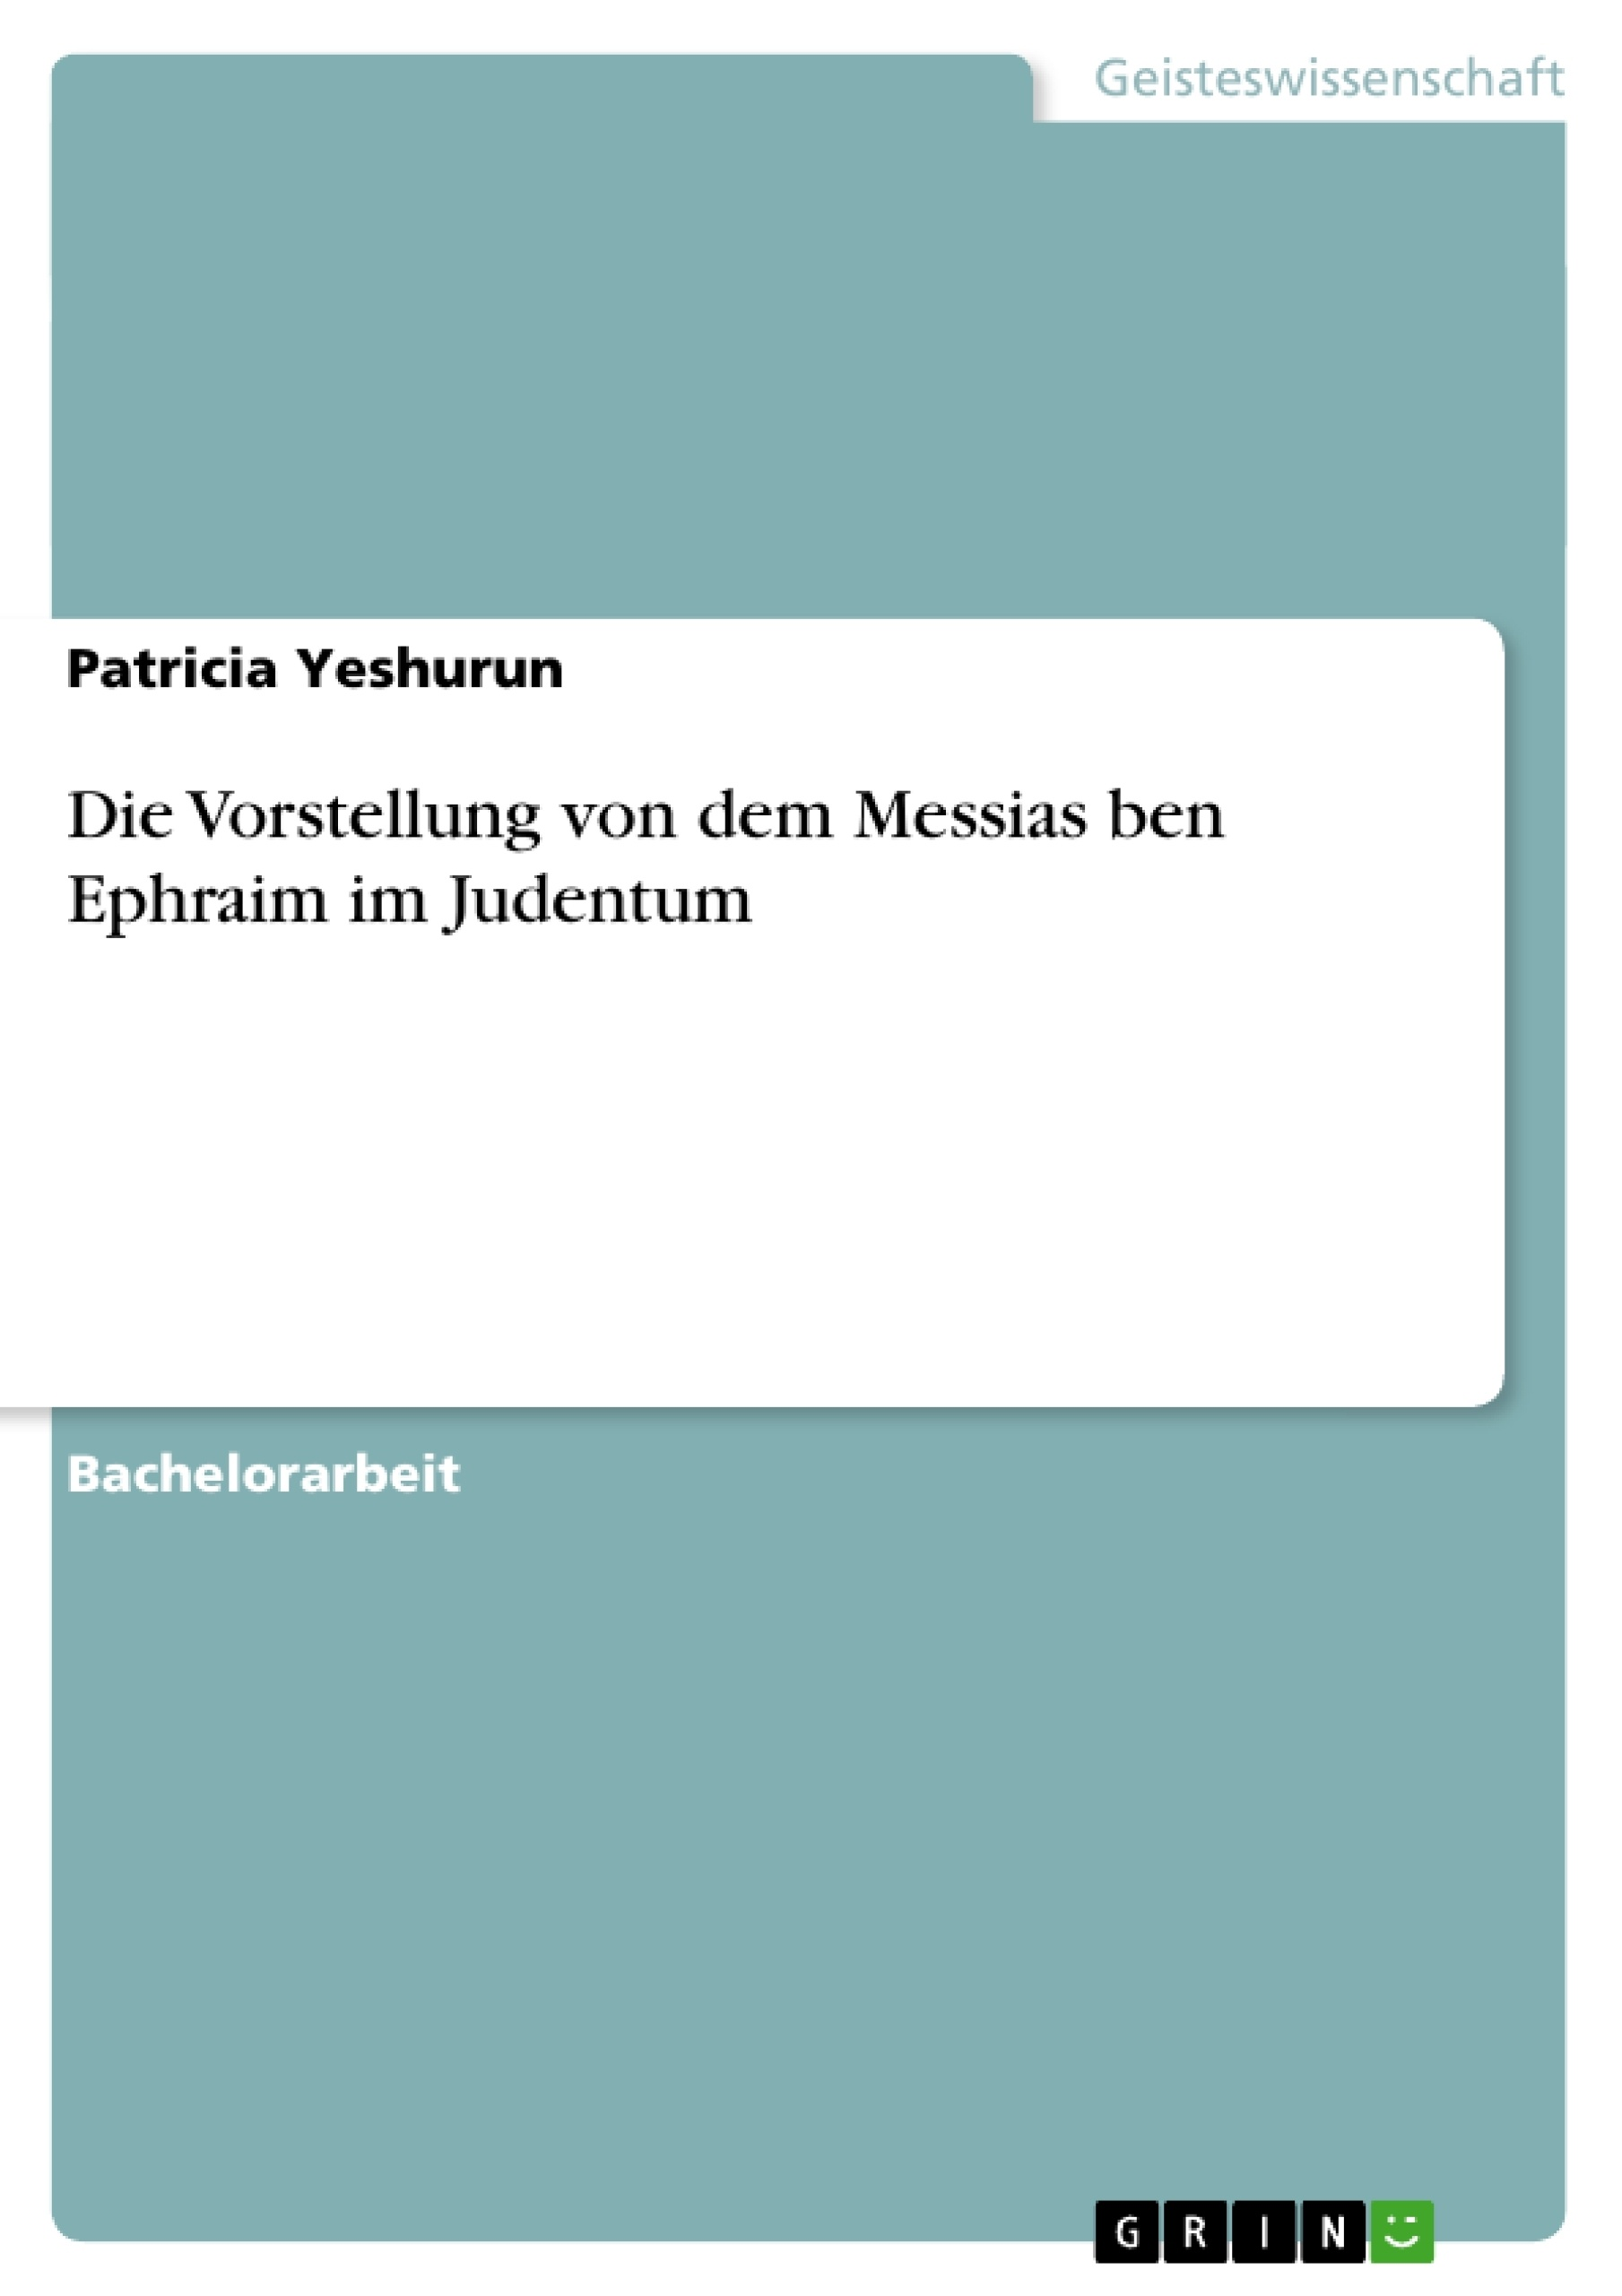 Titel: Die Vorstellung von dem Messias ben Ephraim im Judentum